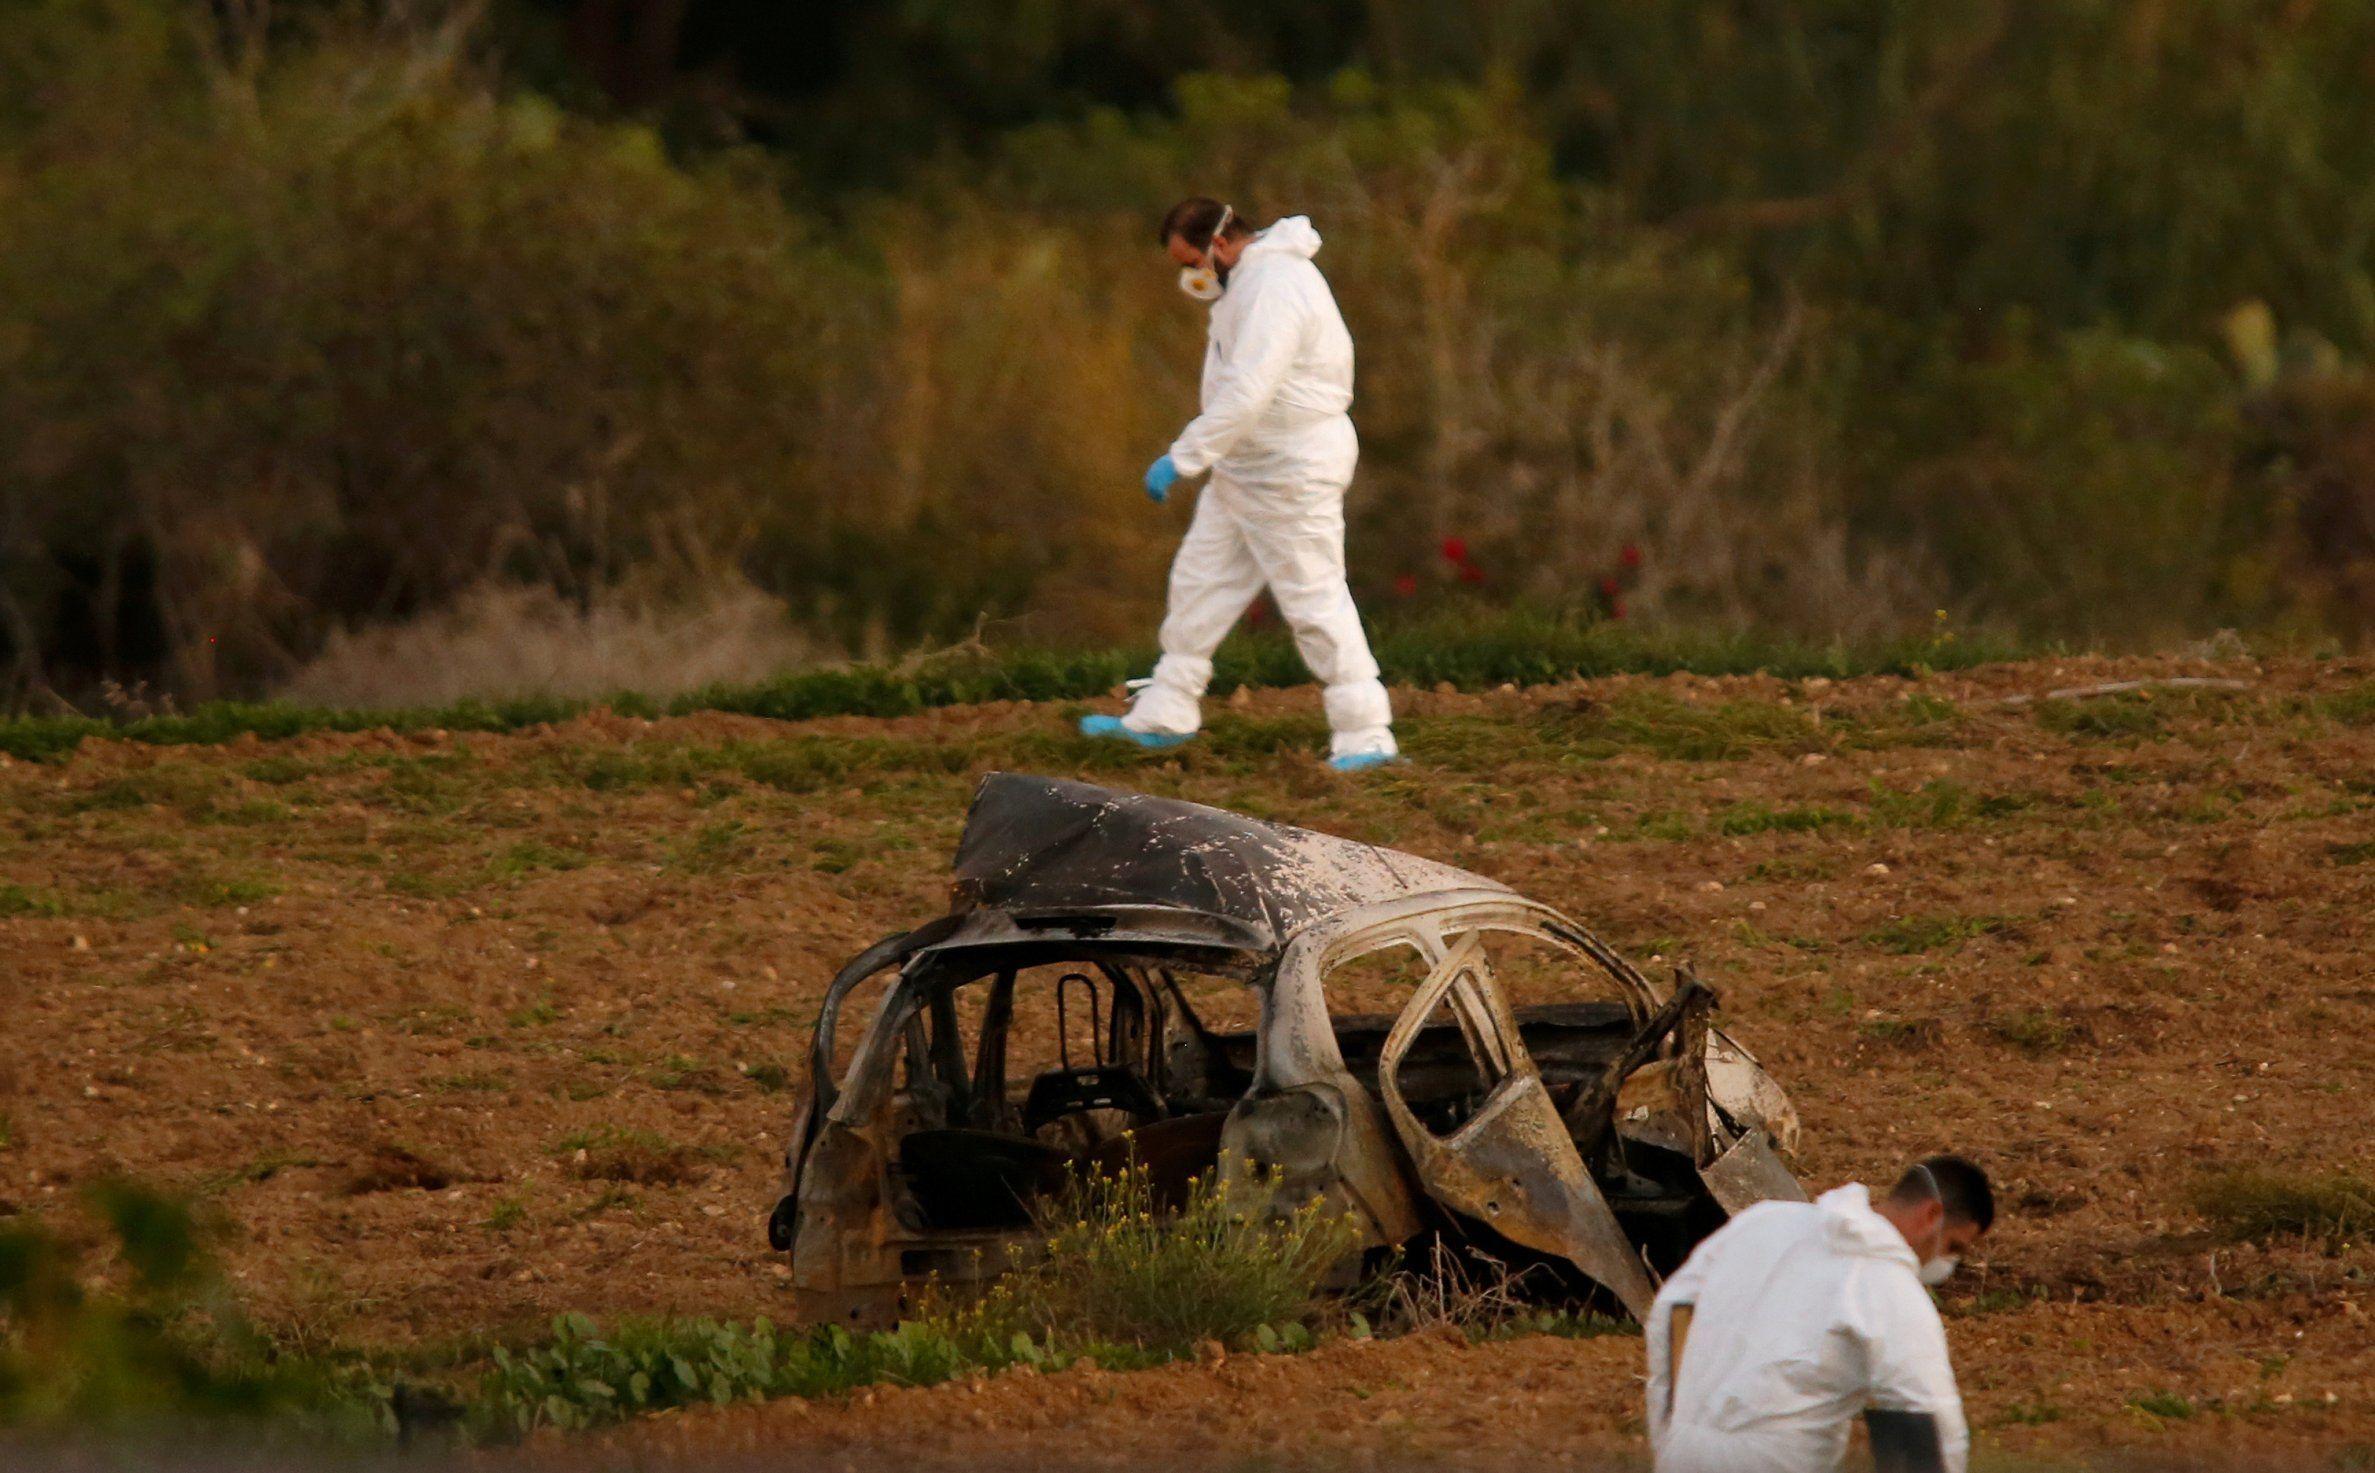 Una bomba colocada en su coche acabó con la vida de Caruana